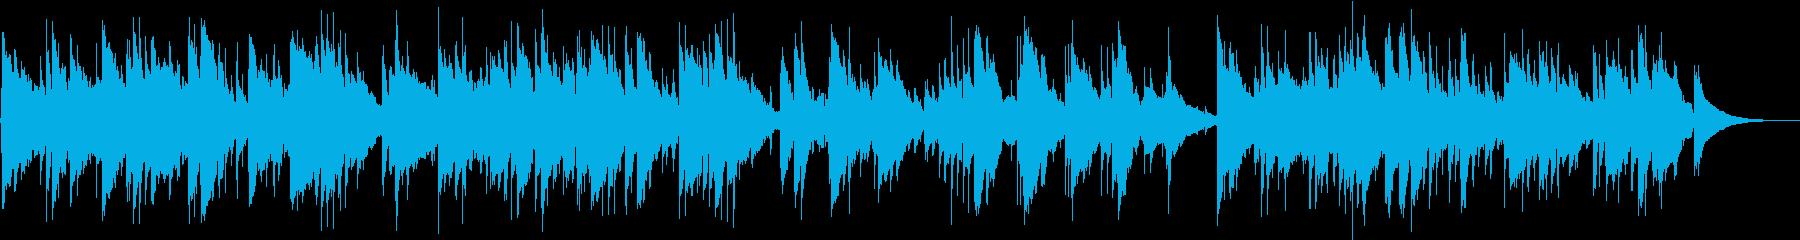 アコギ生演奏の優しく穏やかな曲の再生済みの波形